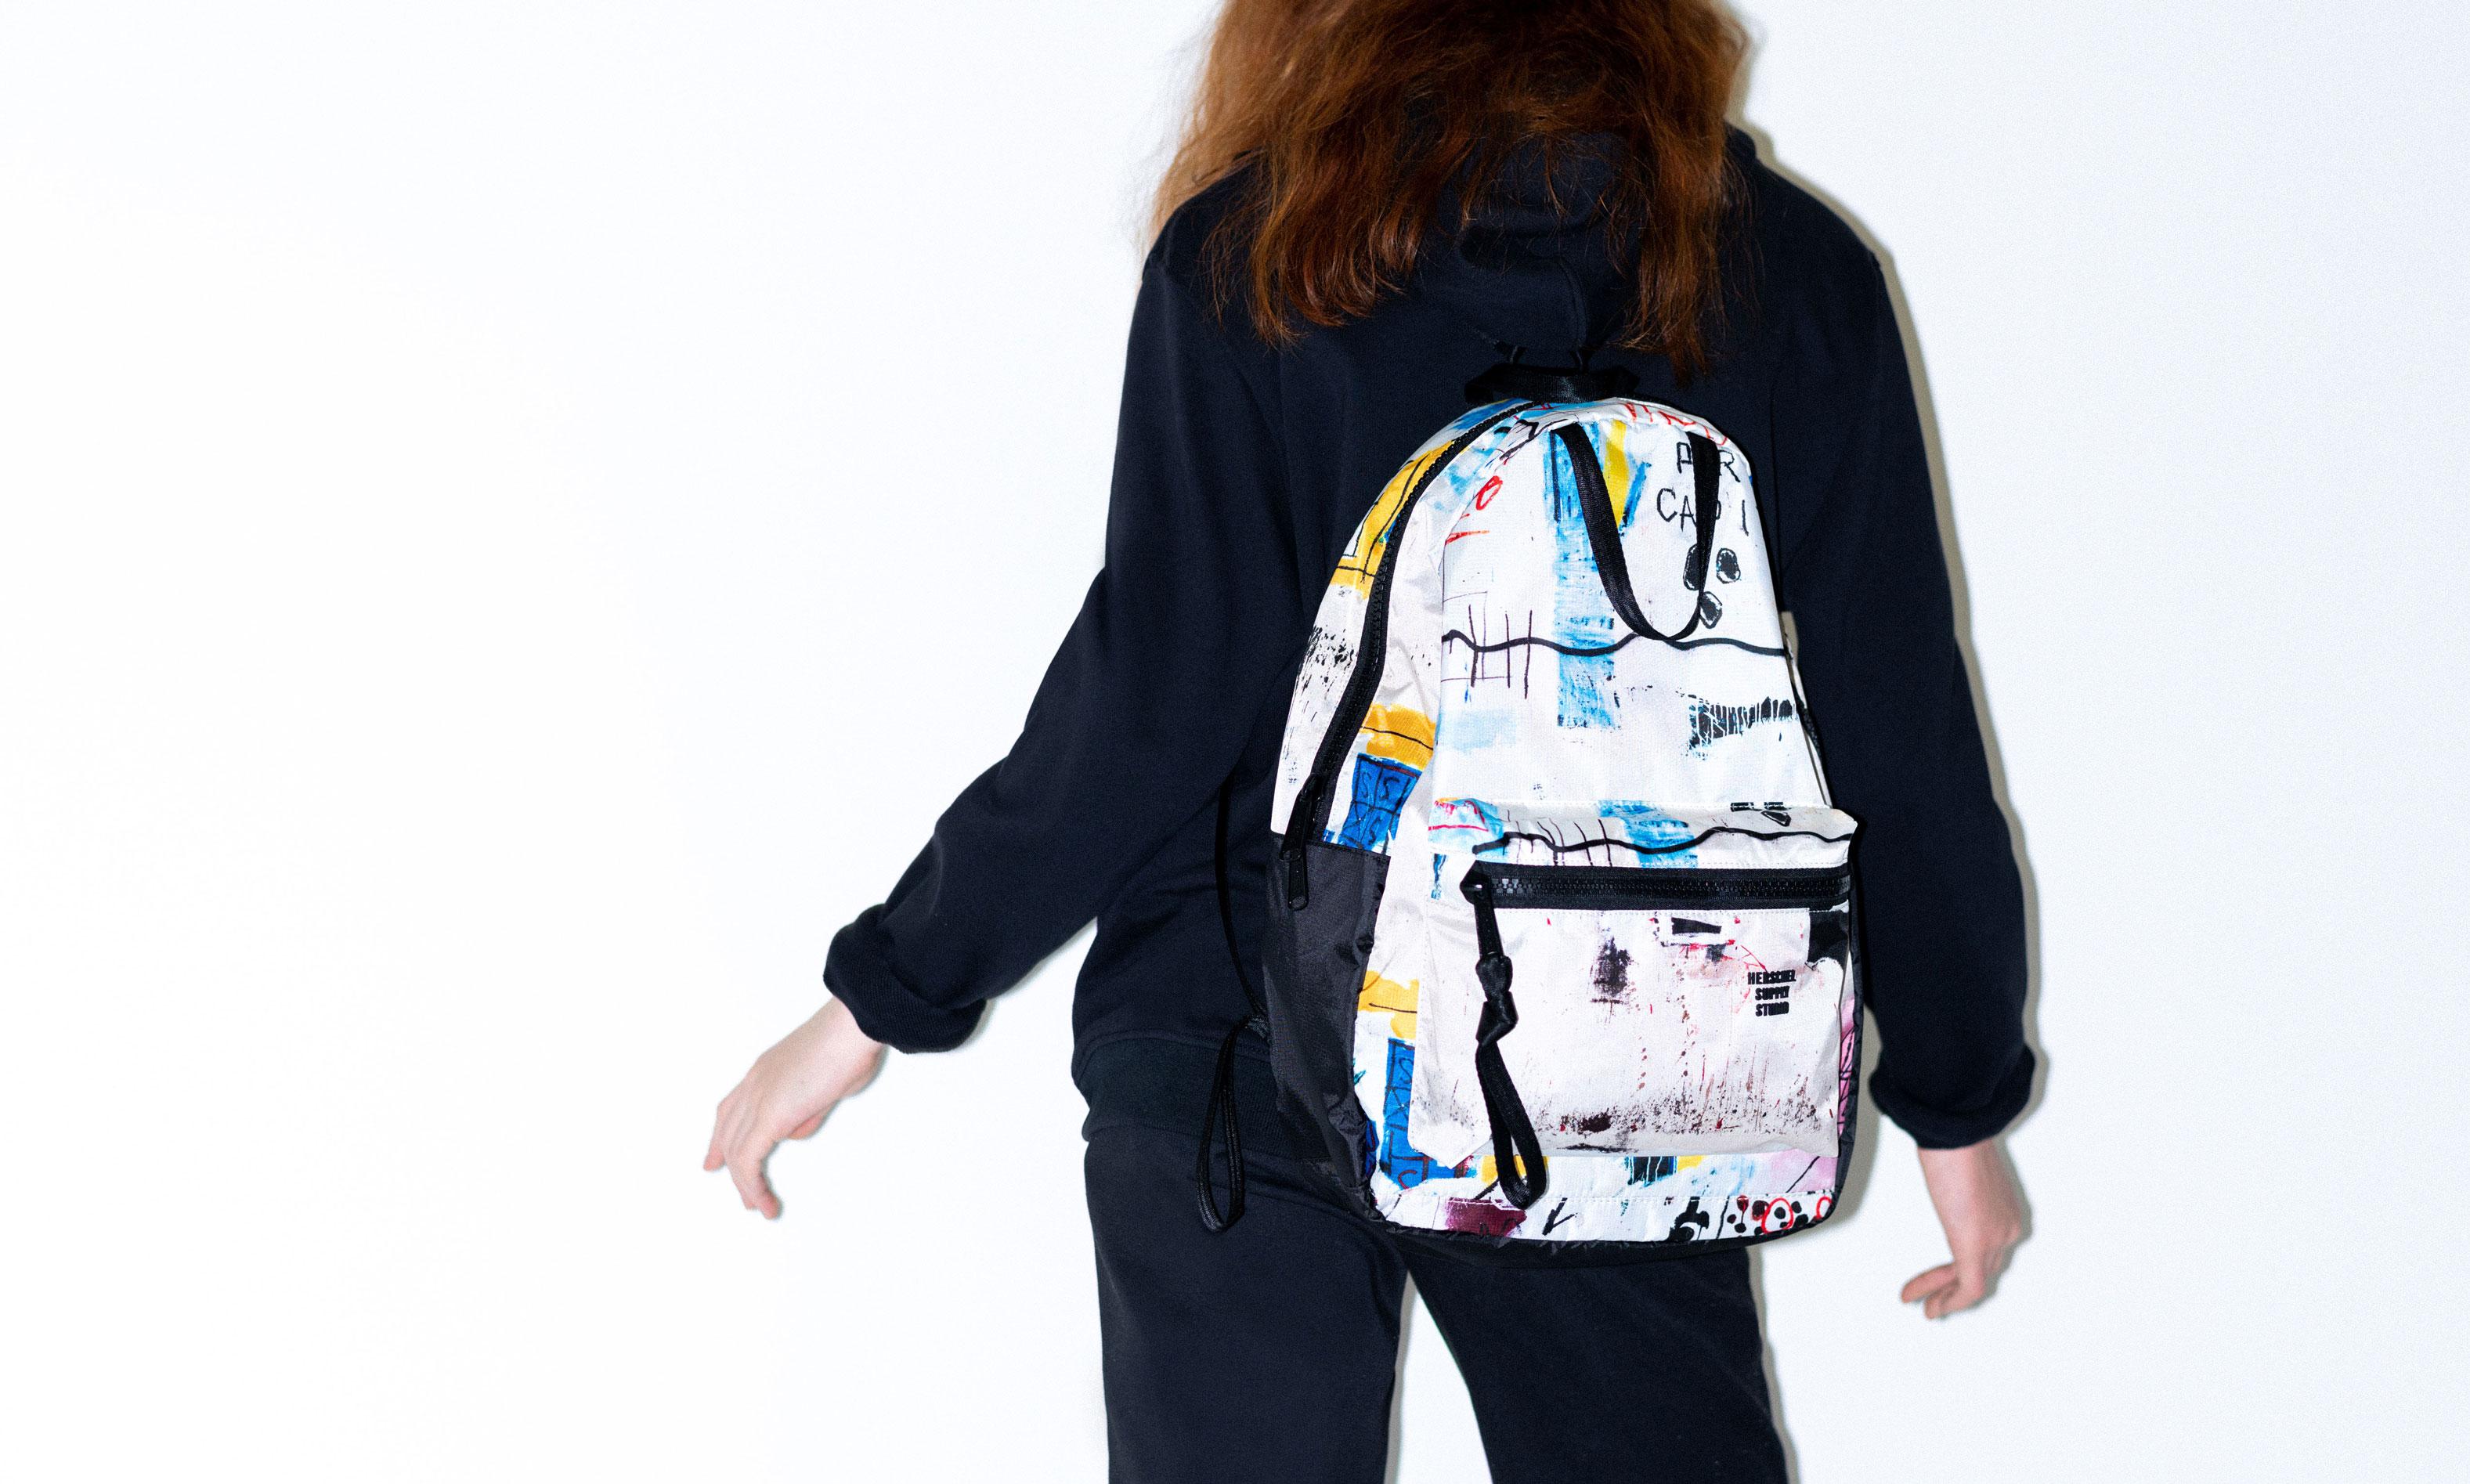 Herschel Supply 推出艺术家 Jean-Michel Basquiat 系列